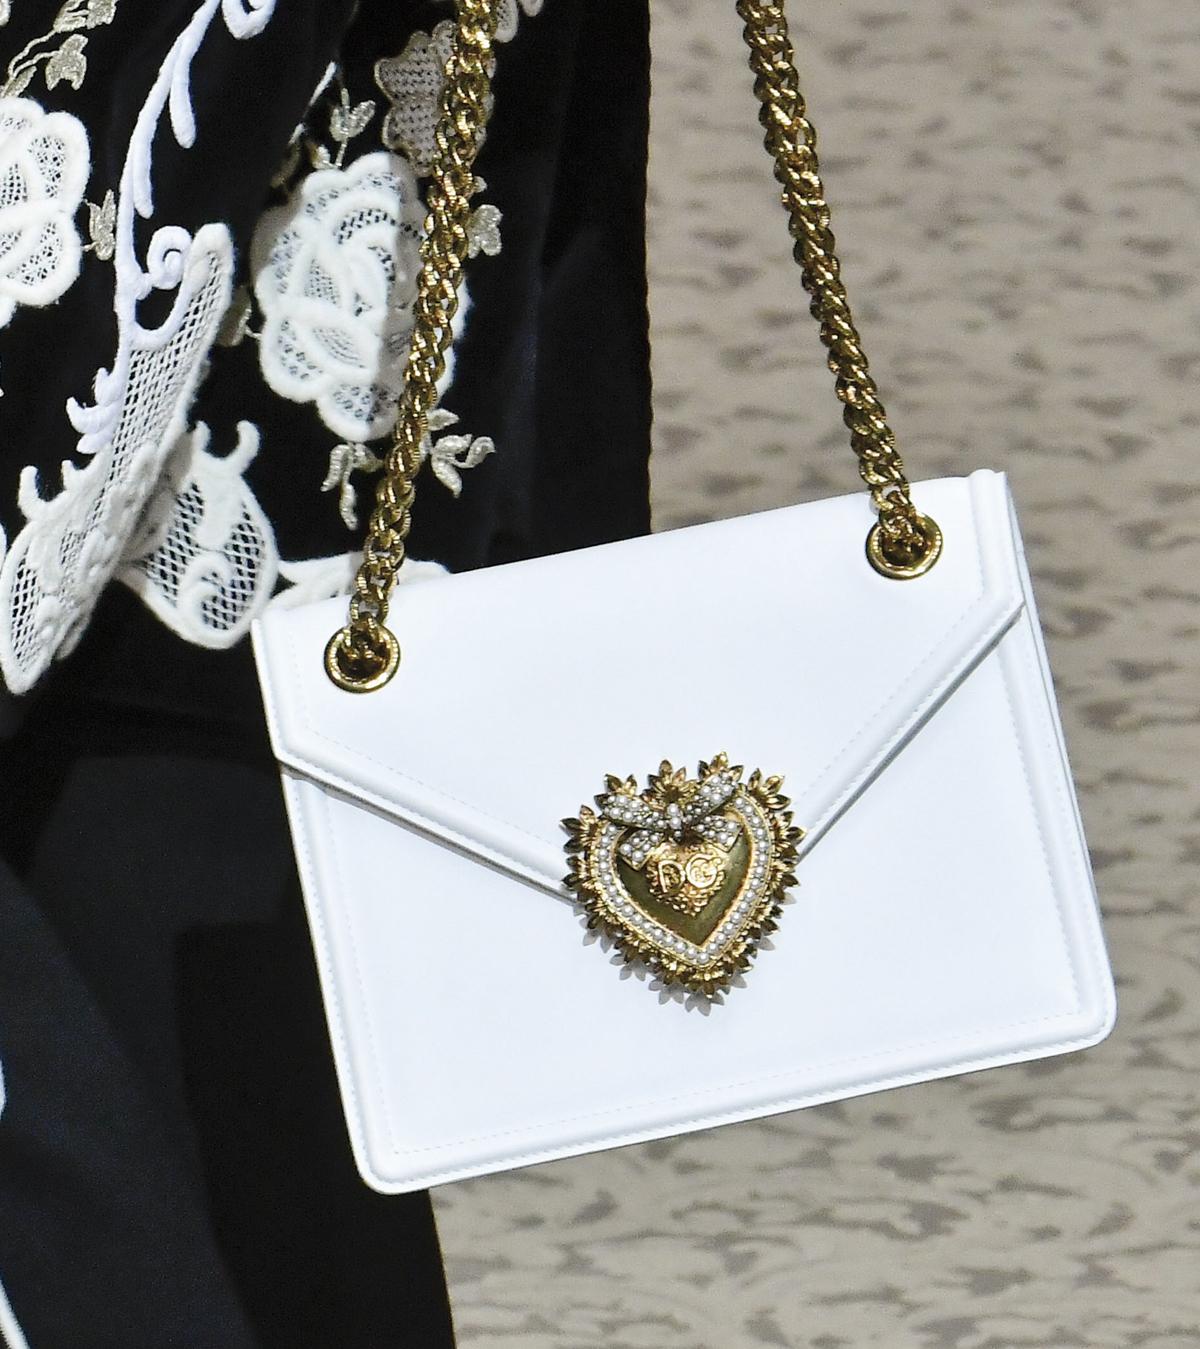 Dolce_&_Gabbana_evotion-bag